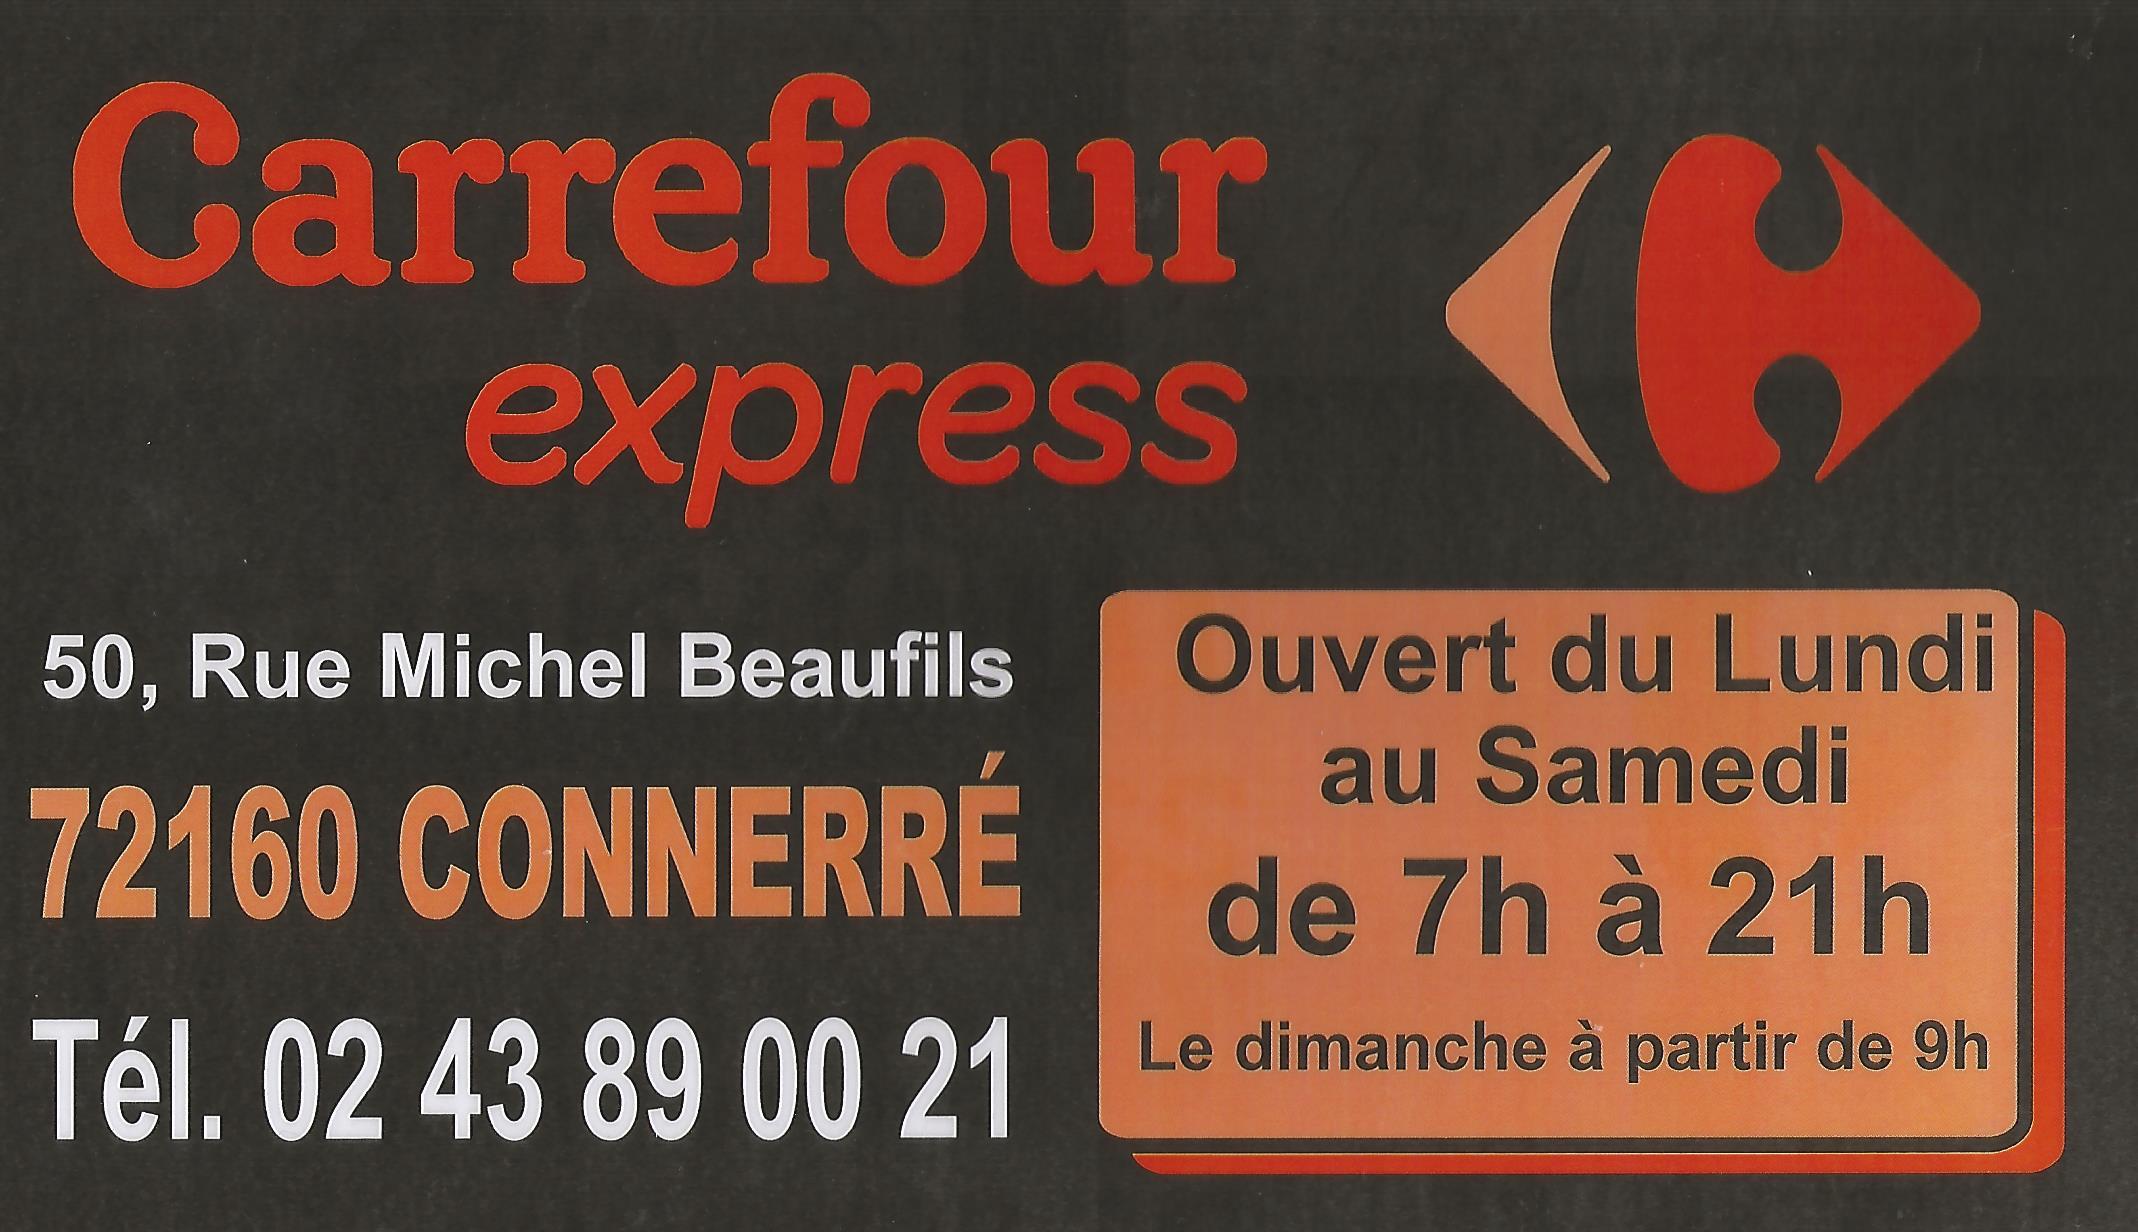 sponsor carrefour express